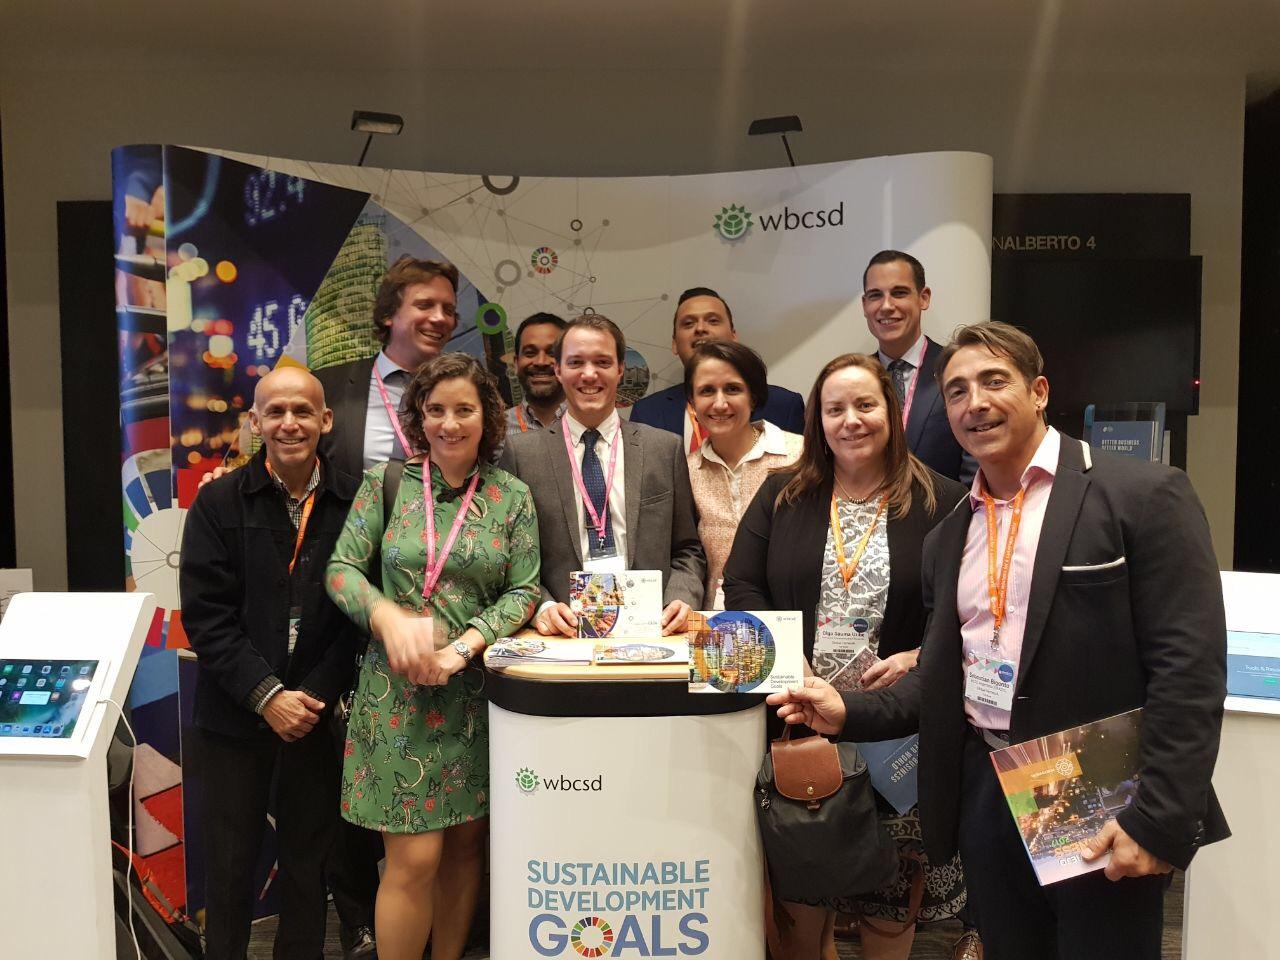 Empresarios líderes de América Latina promueven estrategias de negocios para un desarrollo sostenible